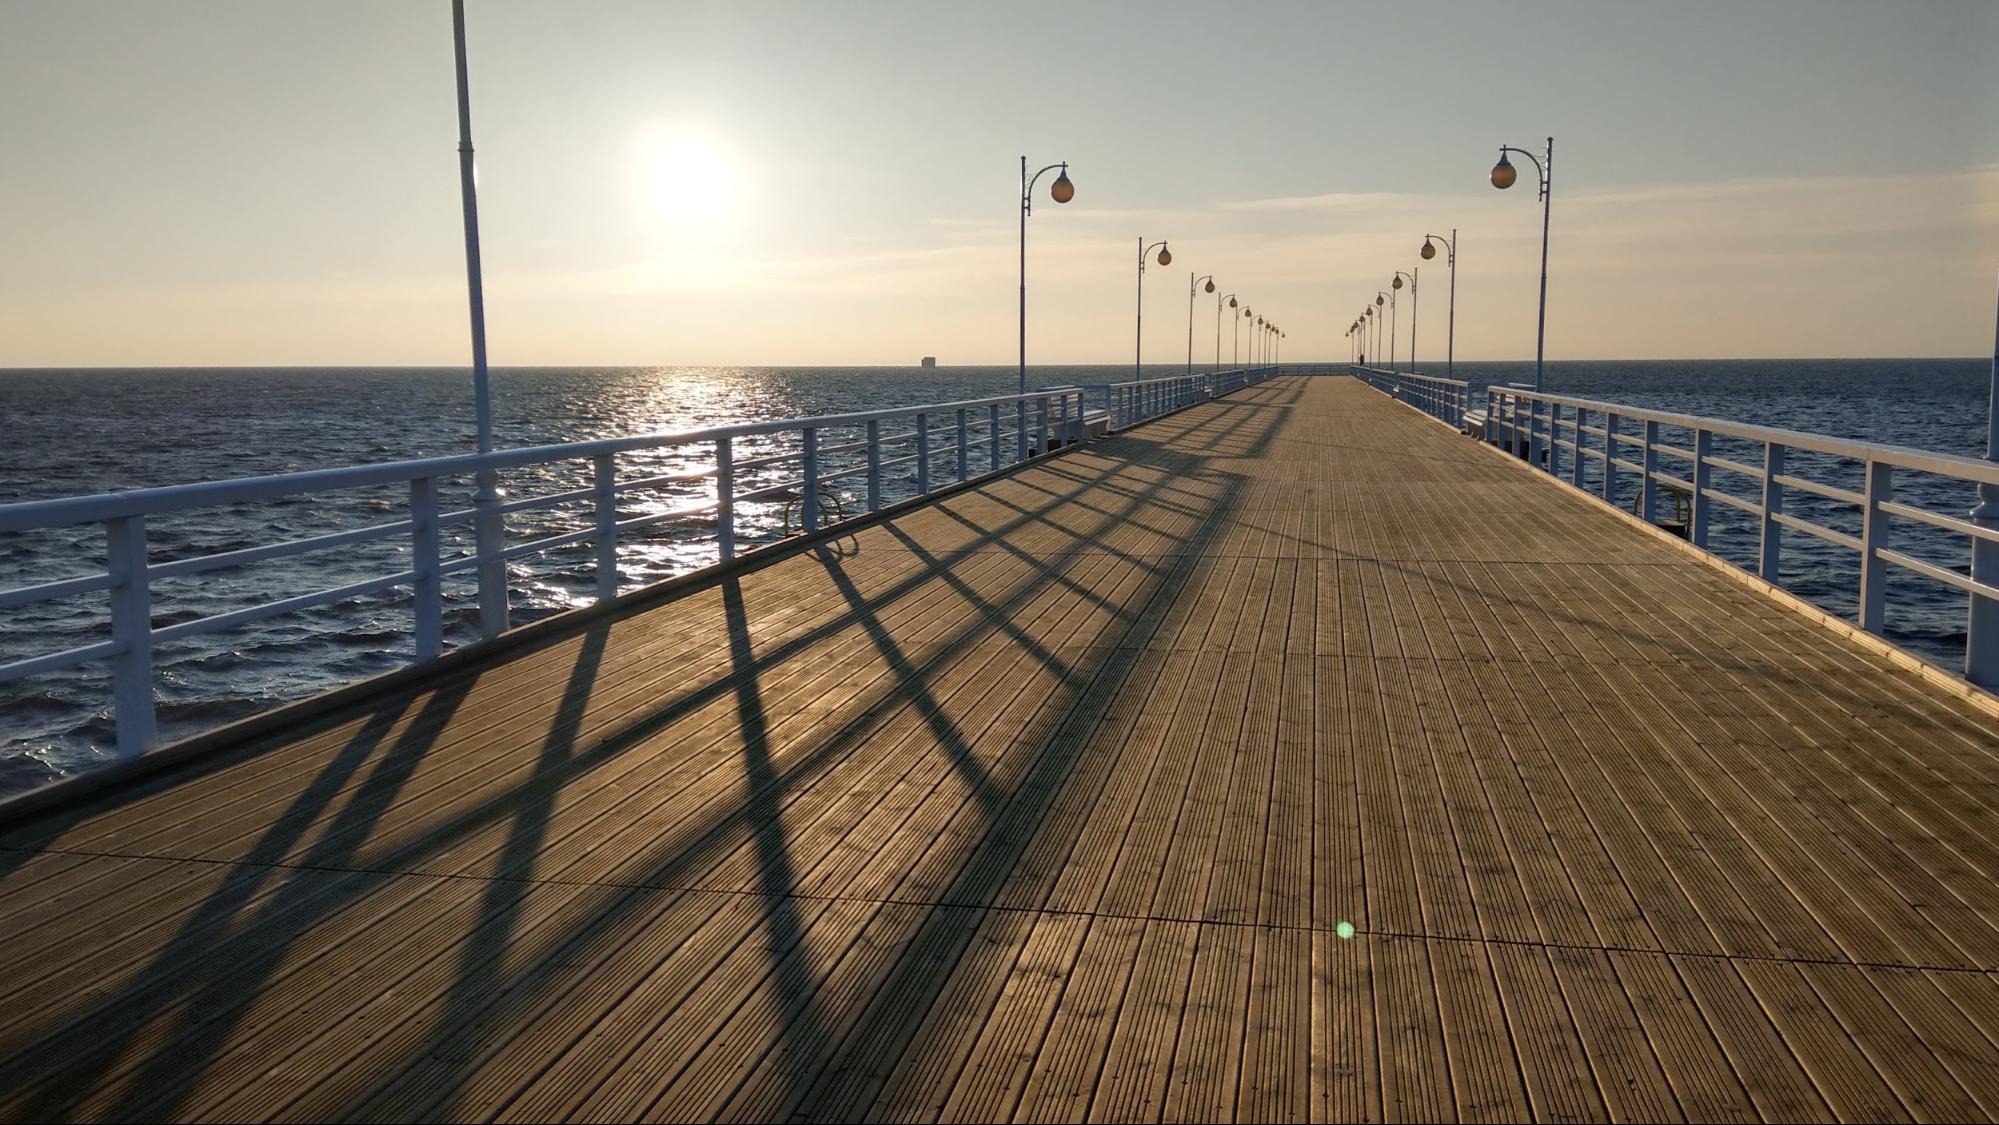 Sunny sunrise - Baltic sea